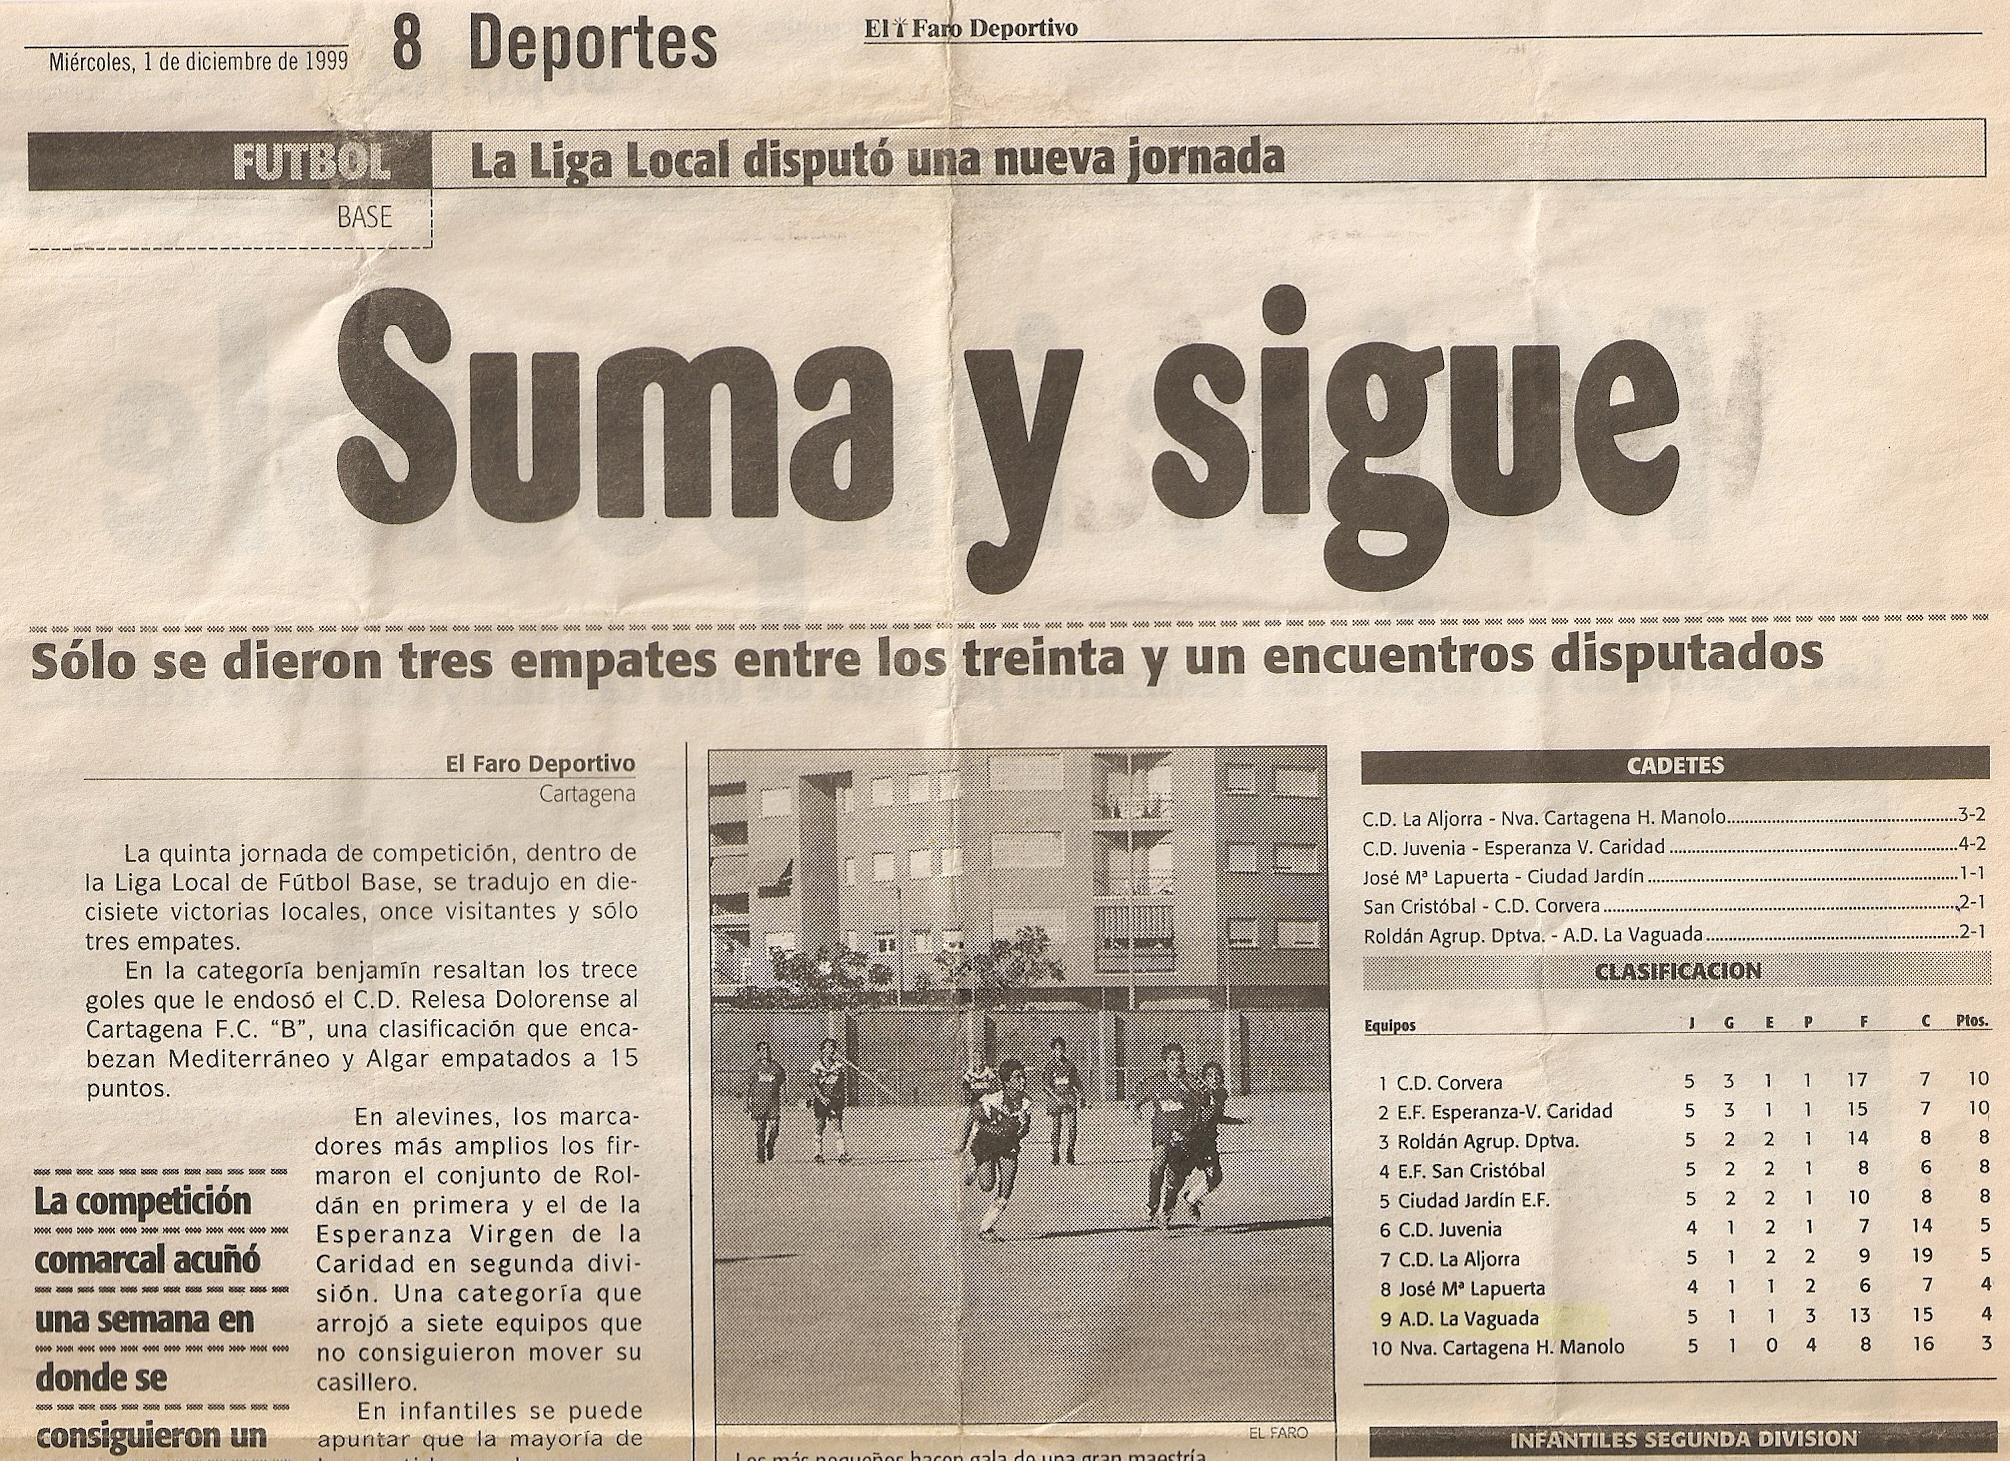 PRIMERA TEMPORADA EN COMPETICIÓN OFICIAL 1999-2000